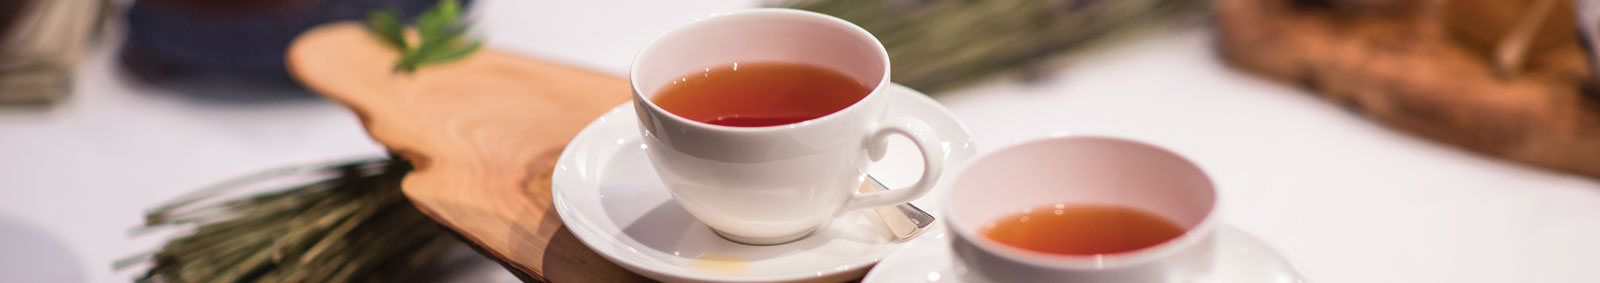 Išskirtinė vieta arbatos mėgėjams